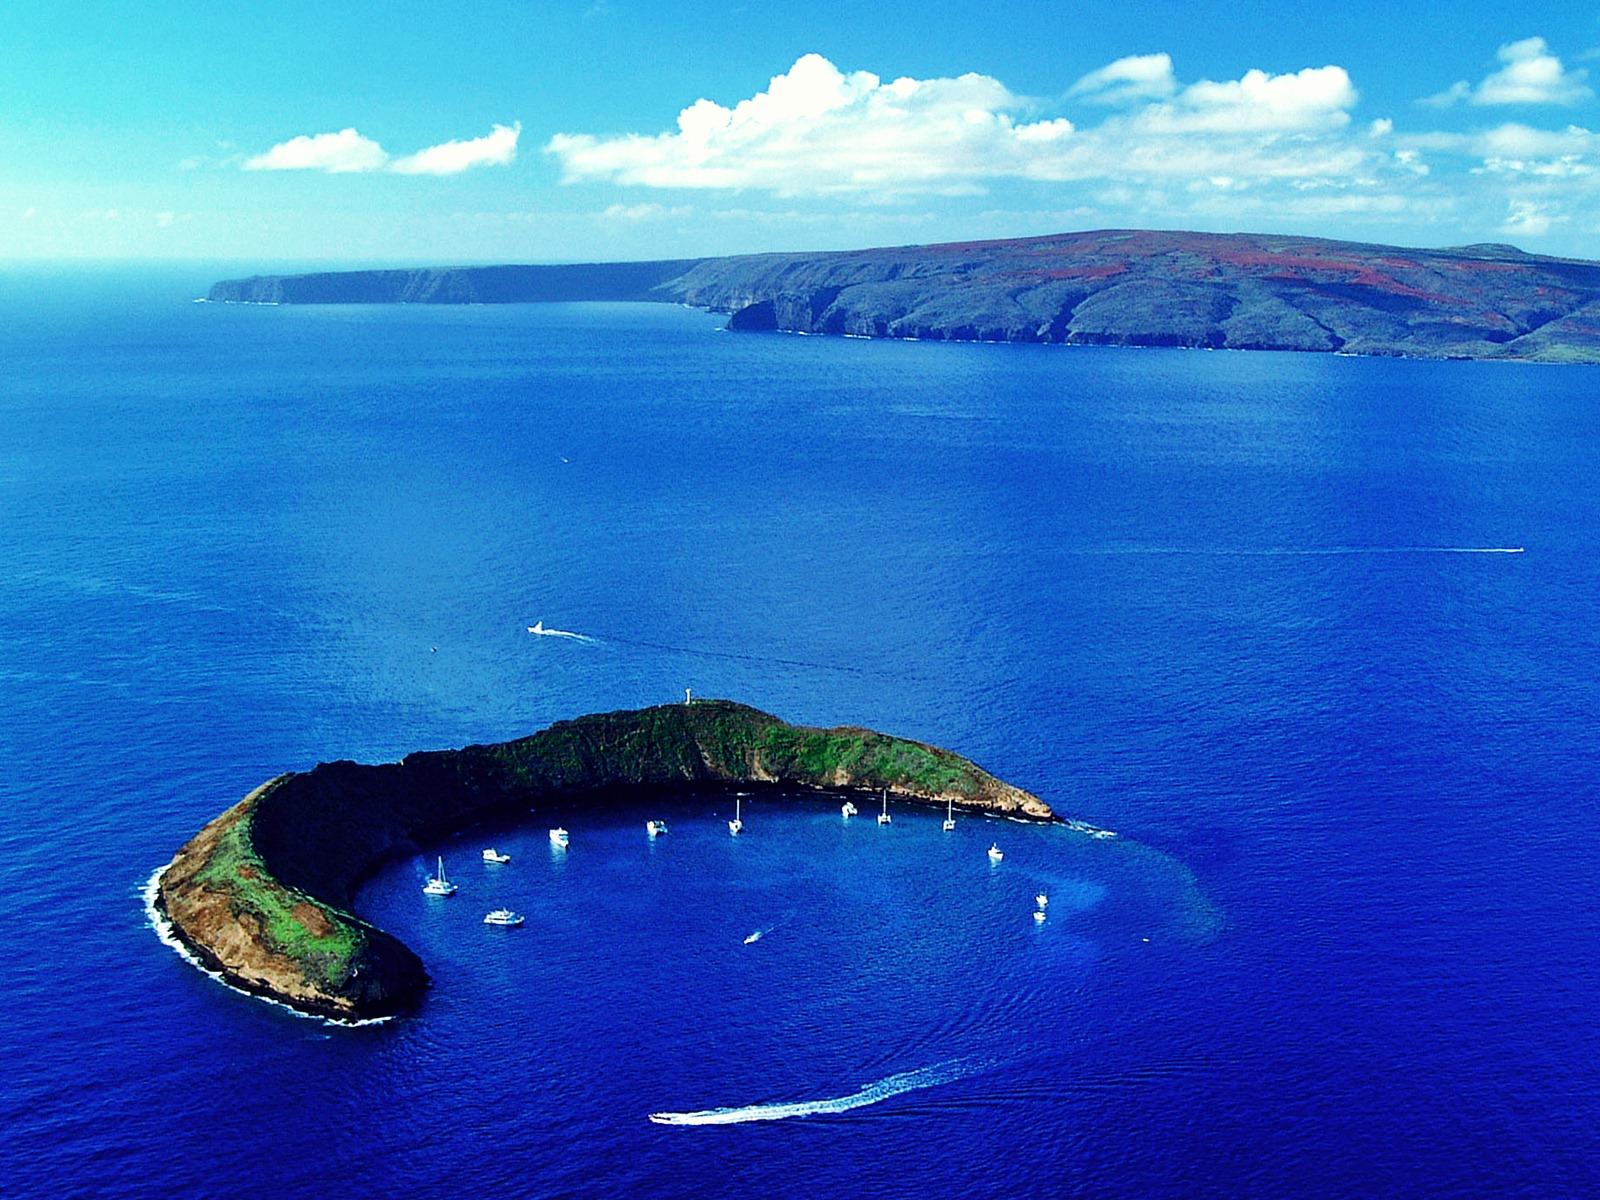 My Travel Background : 8 lieux où plonger dans le monde, Etats-Unis